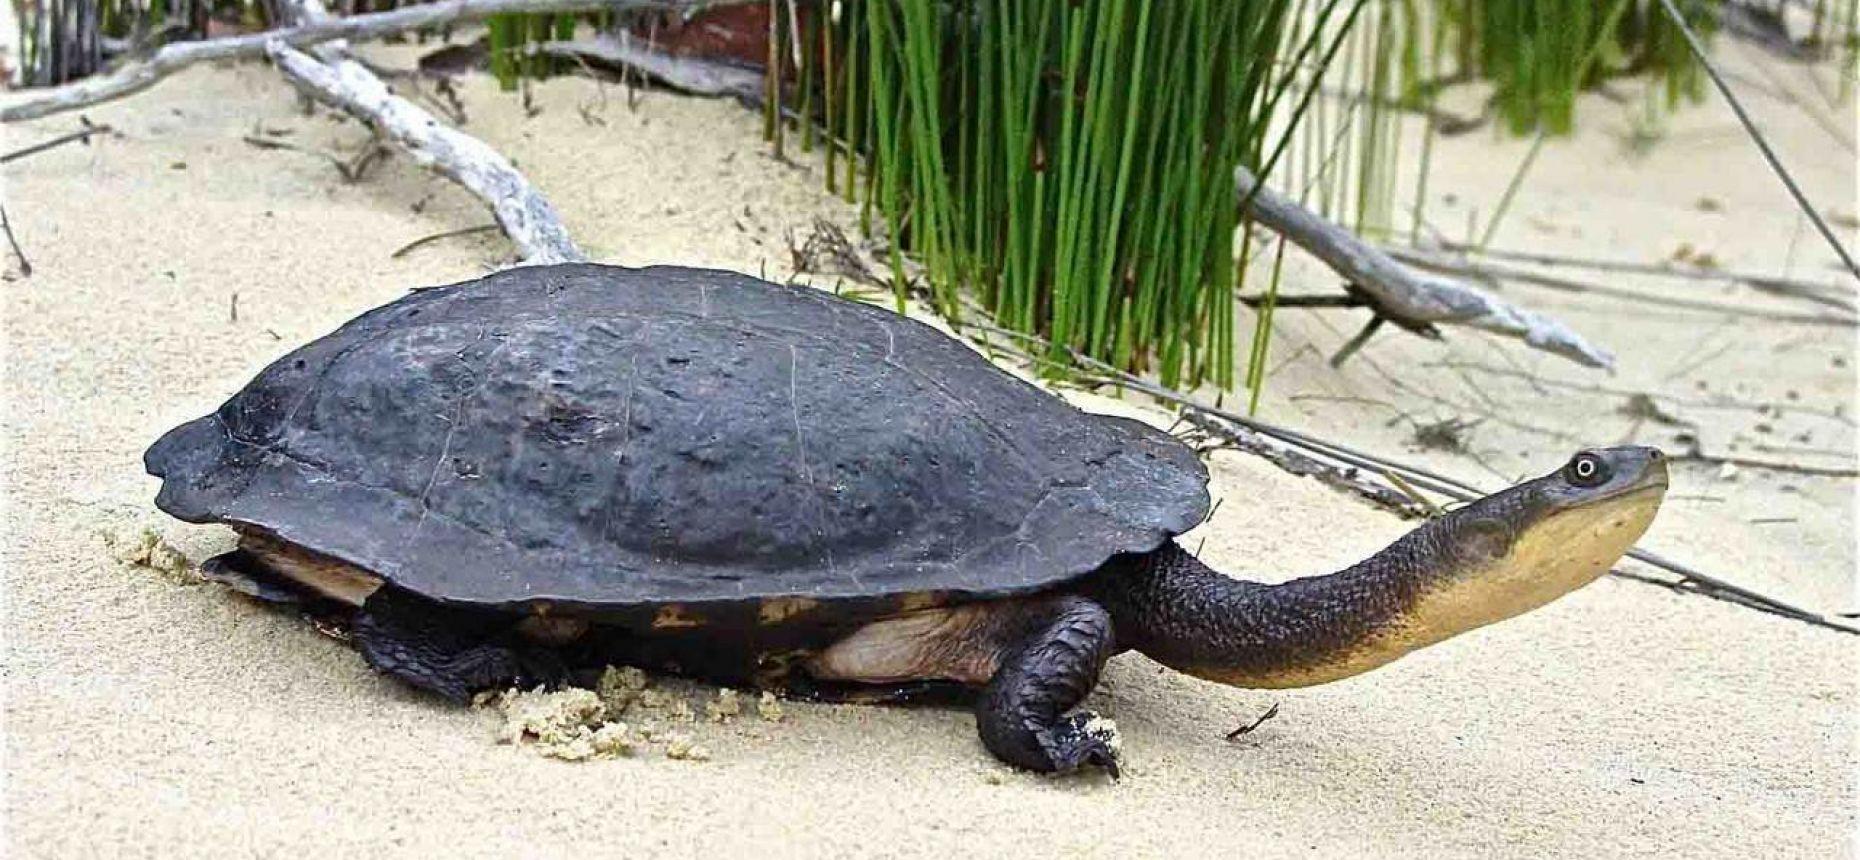 Представители этого вида черепах обитают в основном на востоке Австралии и хорошо адаптируются к жизни в аквариуме. Взрослые особи достигают размера до 30 сантиметров. Этот вид черепах не умеет втягивать голову, а укладывает ее сбоку. Мясо змеиношеей черепахи считается деликатесом.